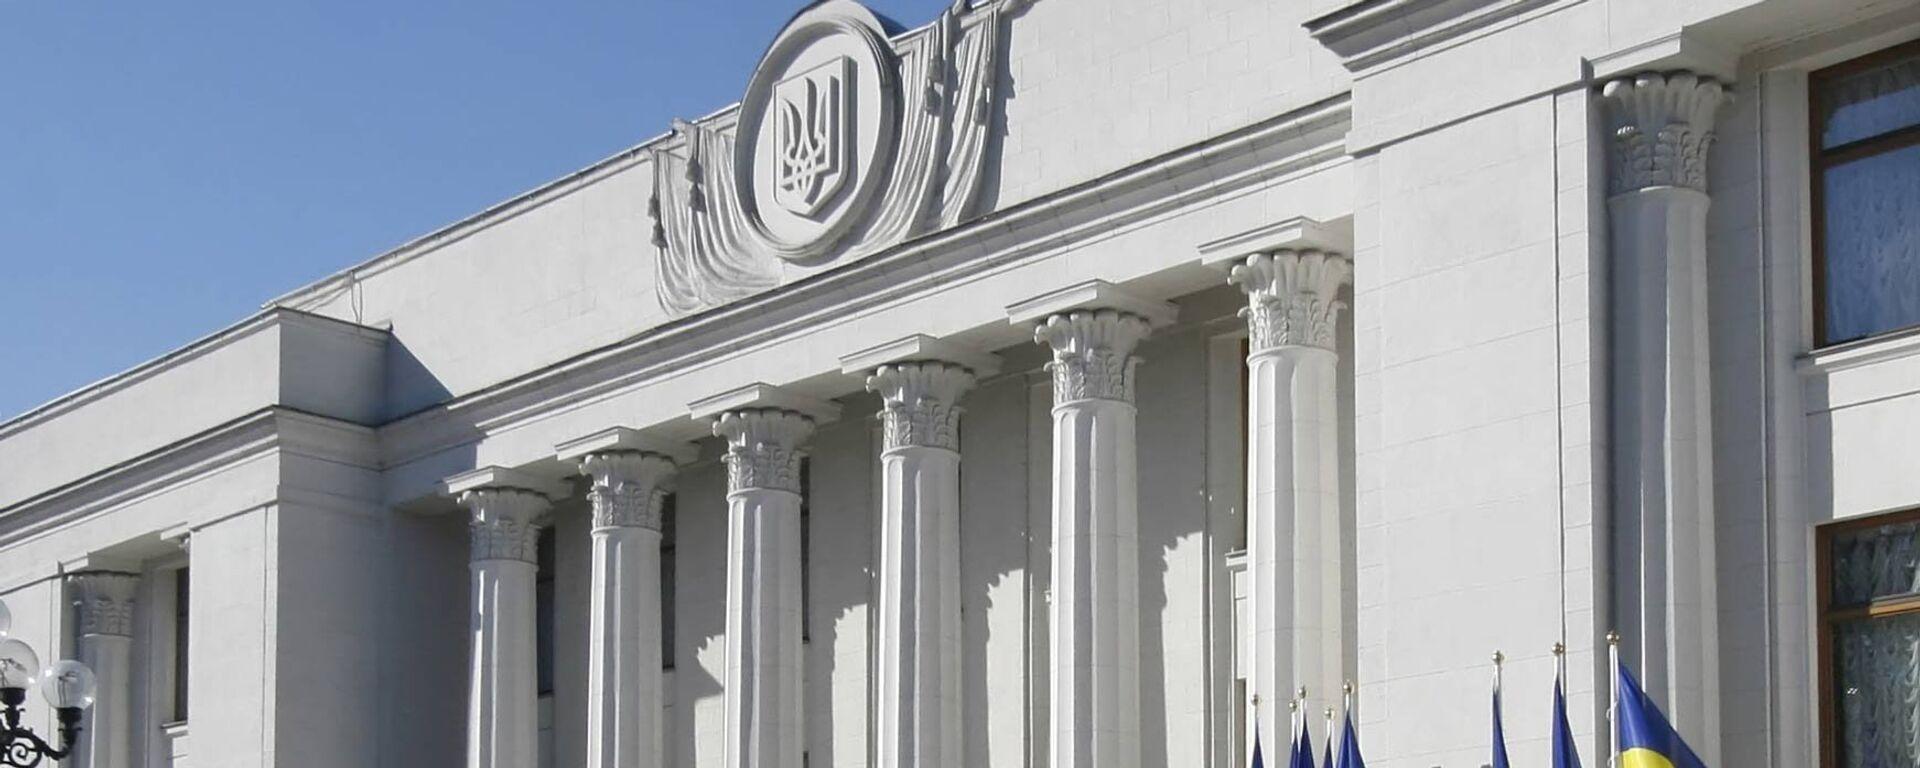 Nejvyšší rada Ukrajiny - Sputnik Česká republika, 1920, 01.07.2021